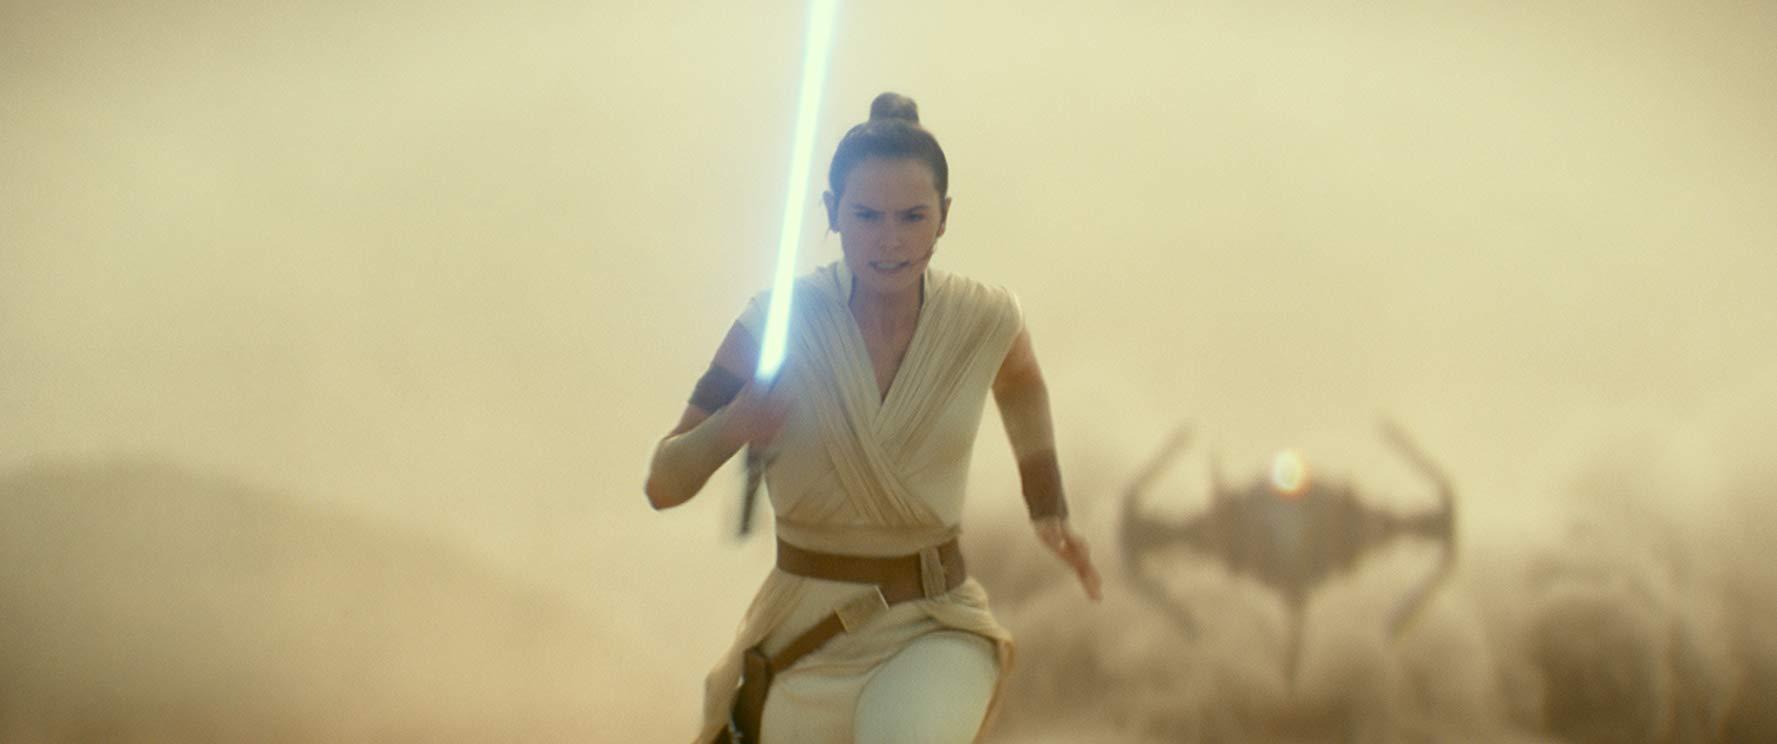 Rian Johnson chia sẻ suy nghĩ của mình về Star Wars: The Rise of Skywalker 1